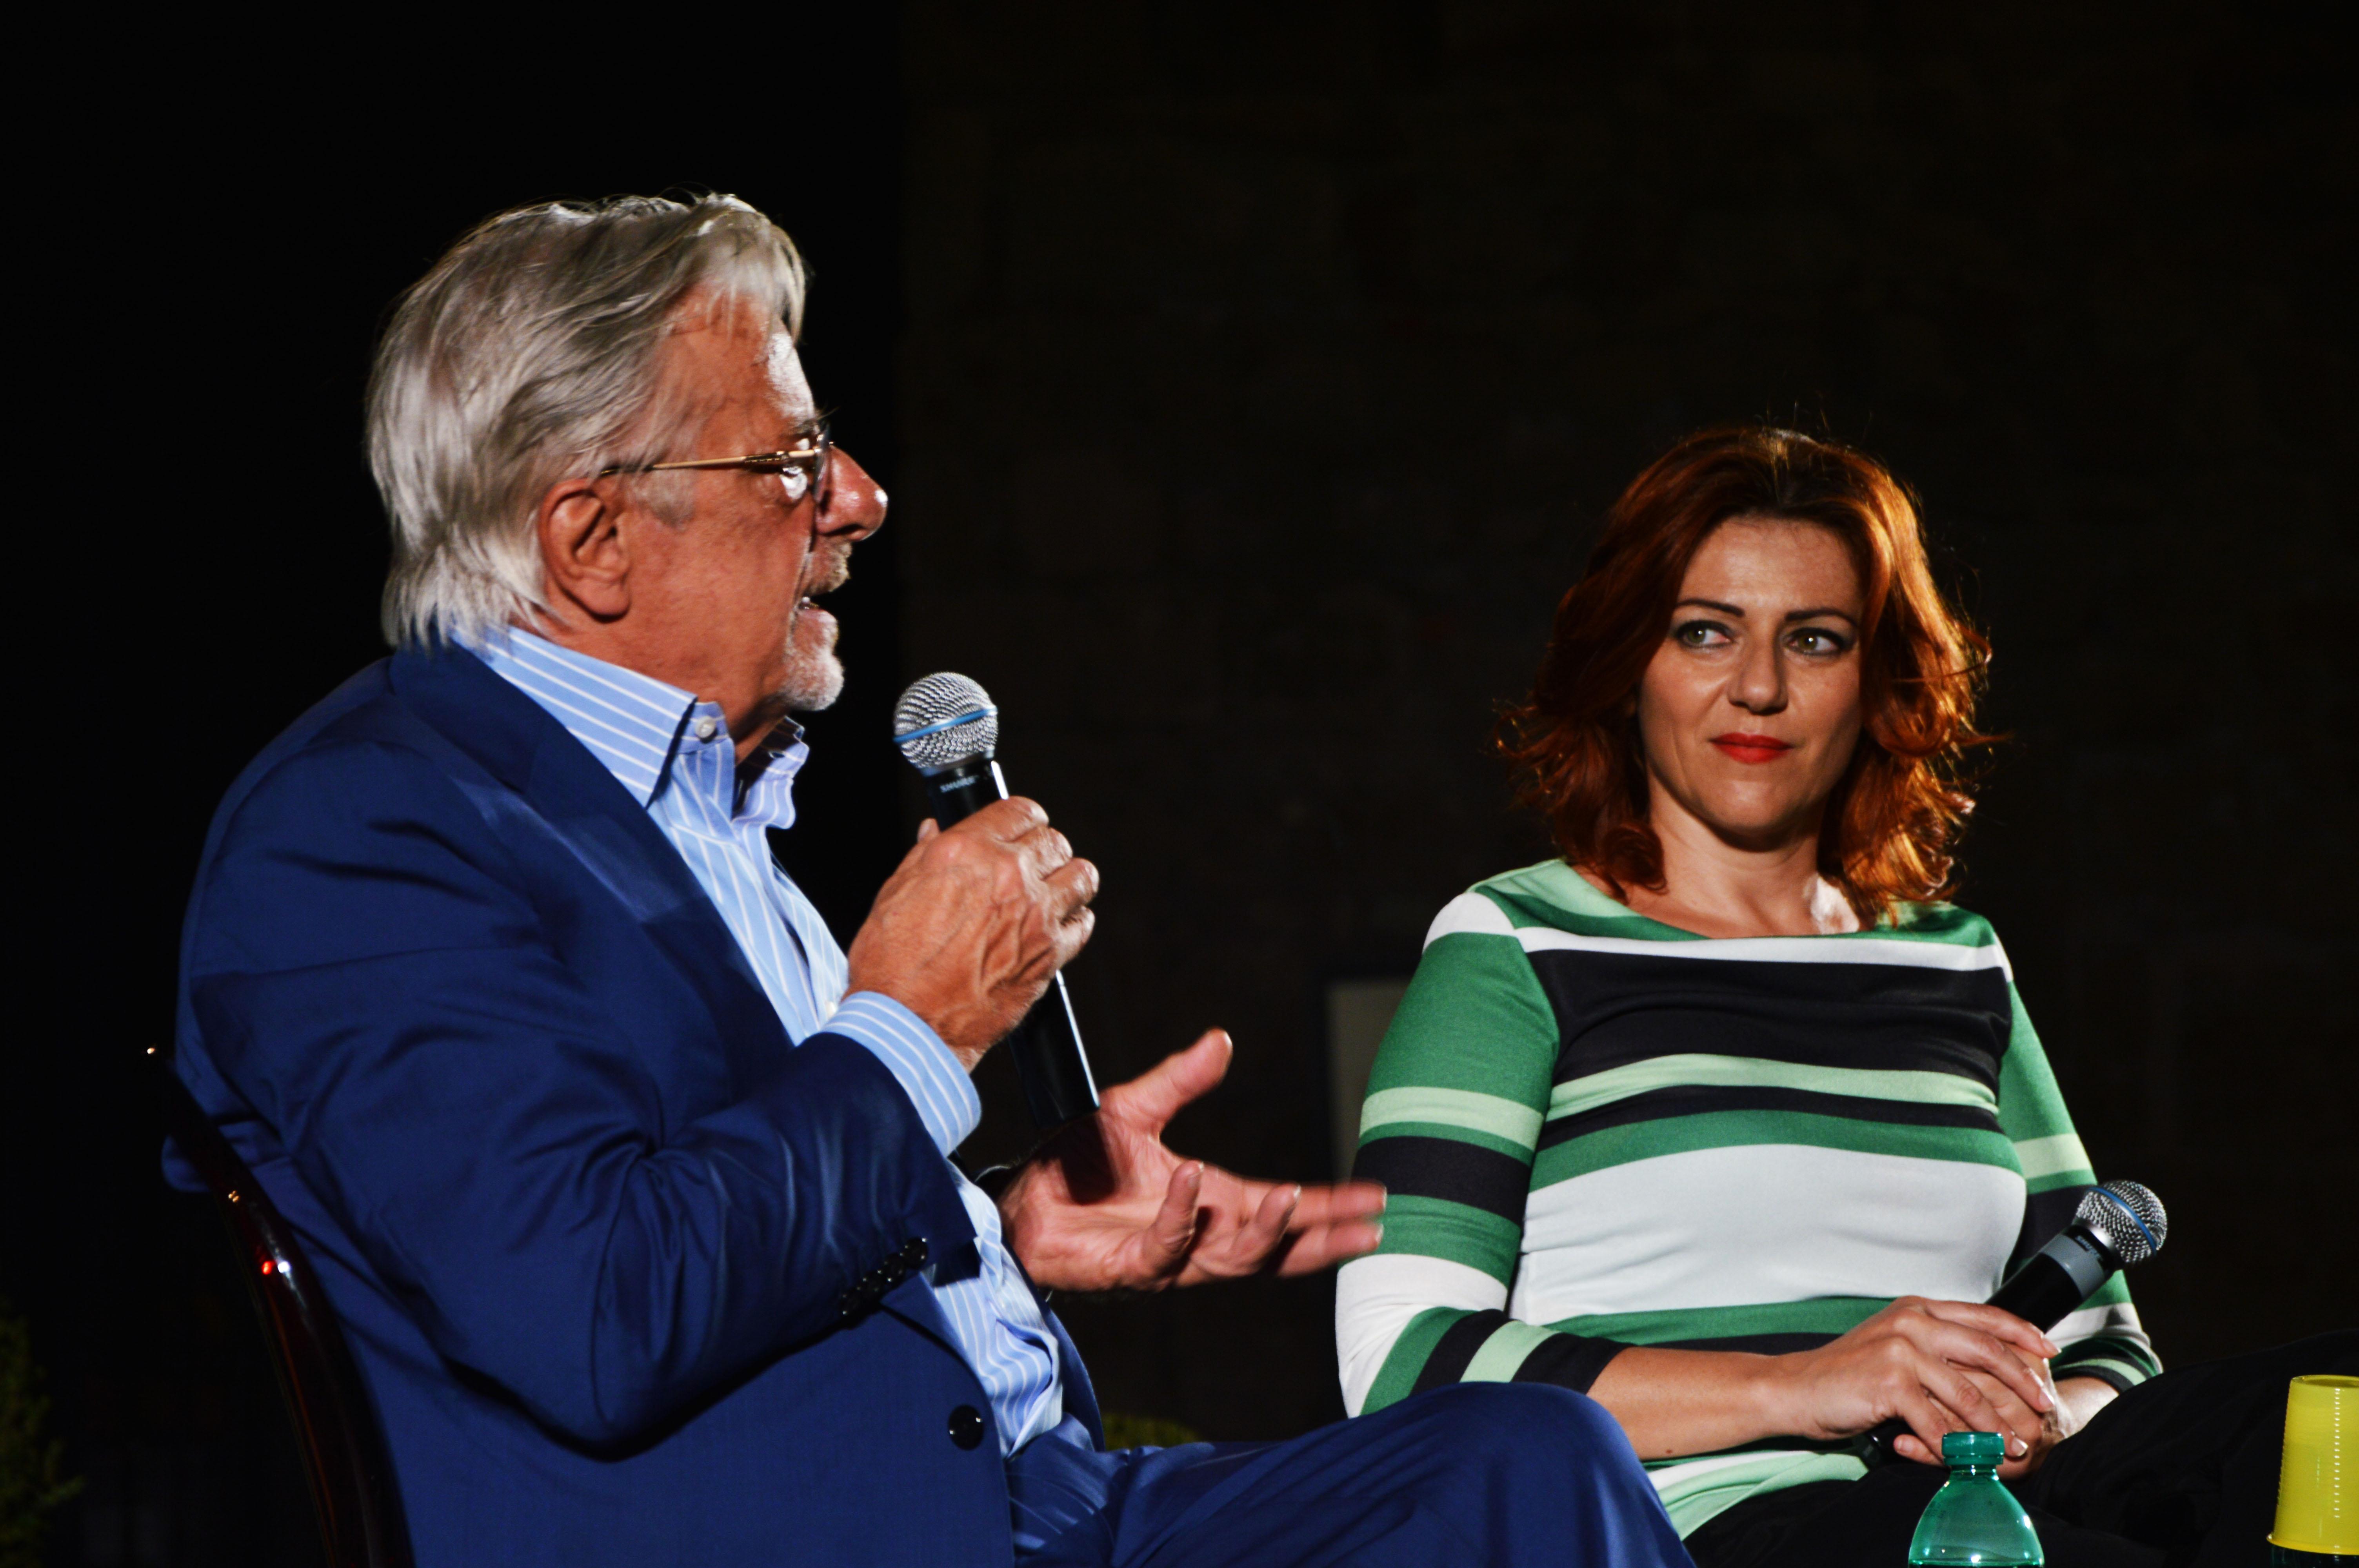 La serata con Giancarlo Giannini mentre presentiamo il libro scritto insieme!